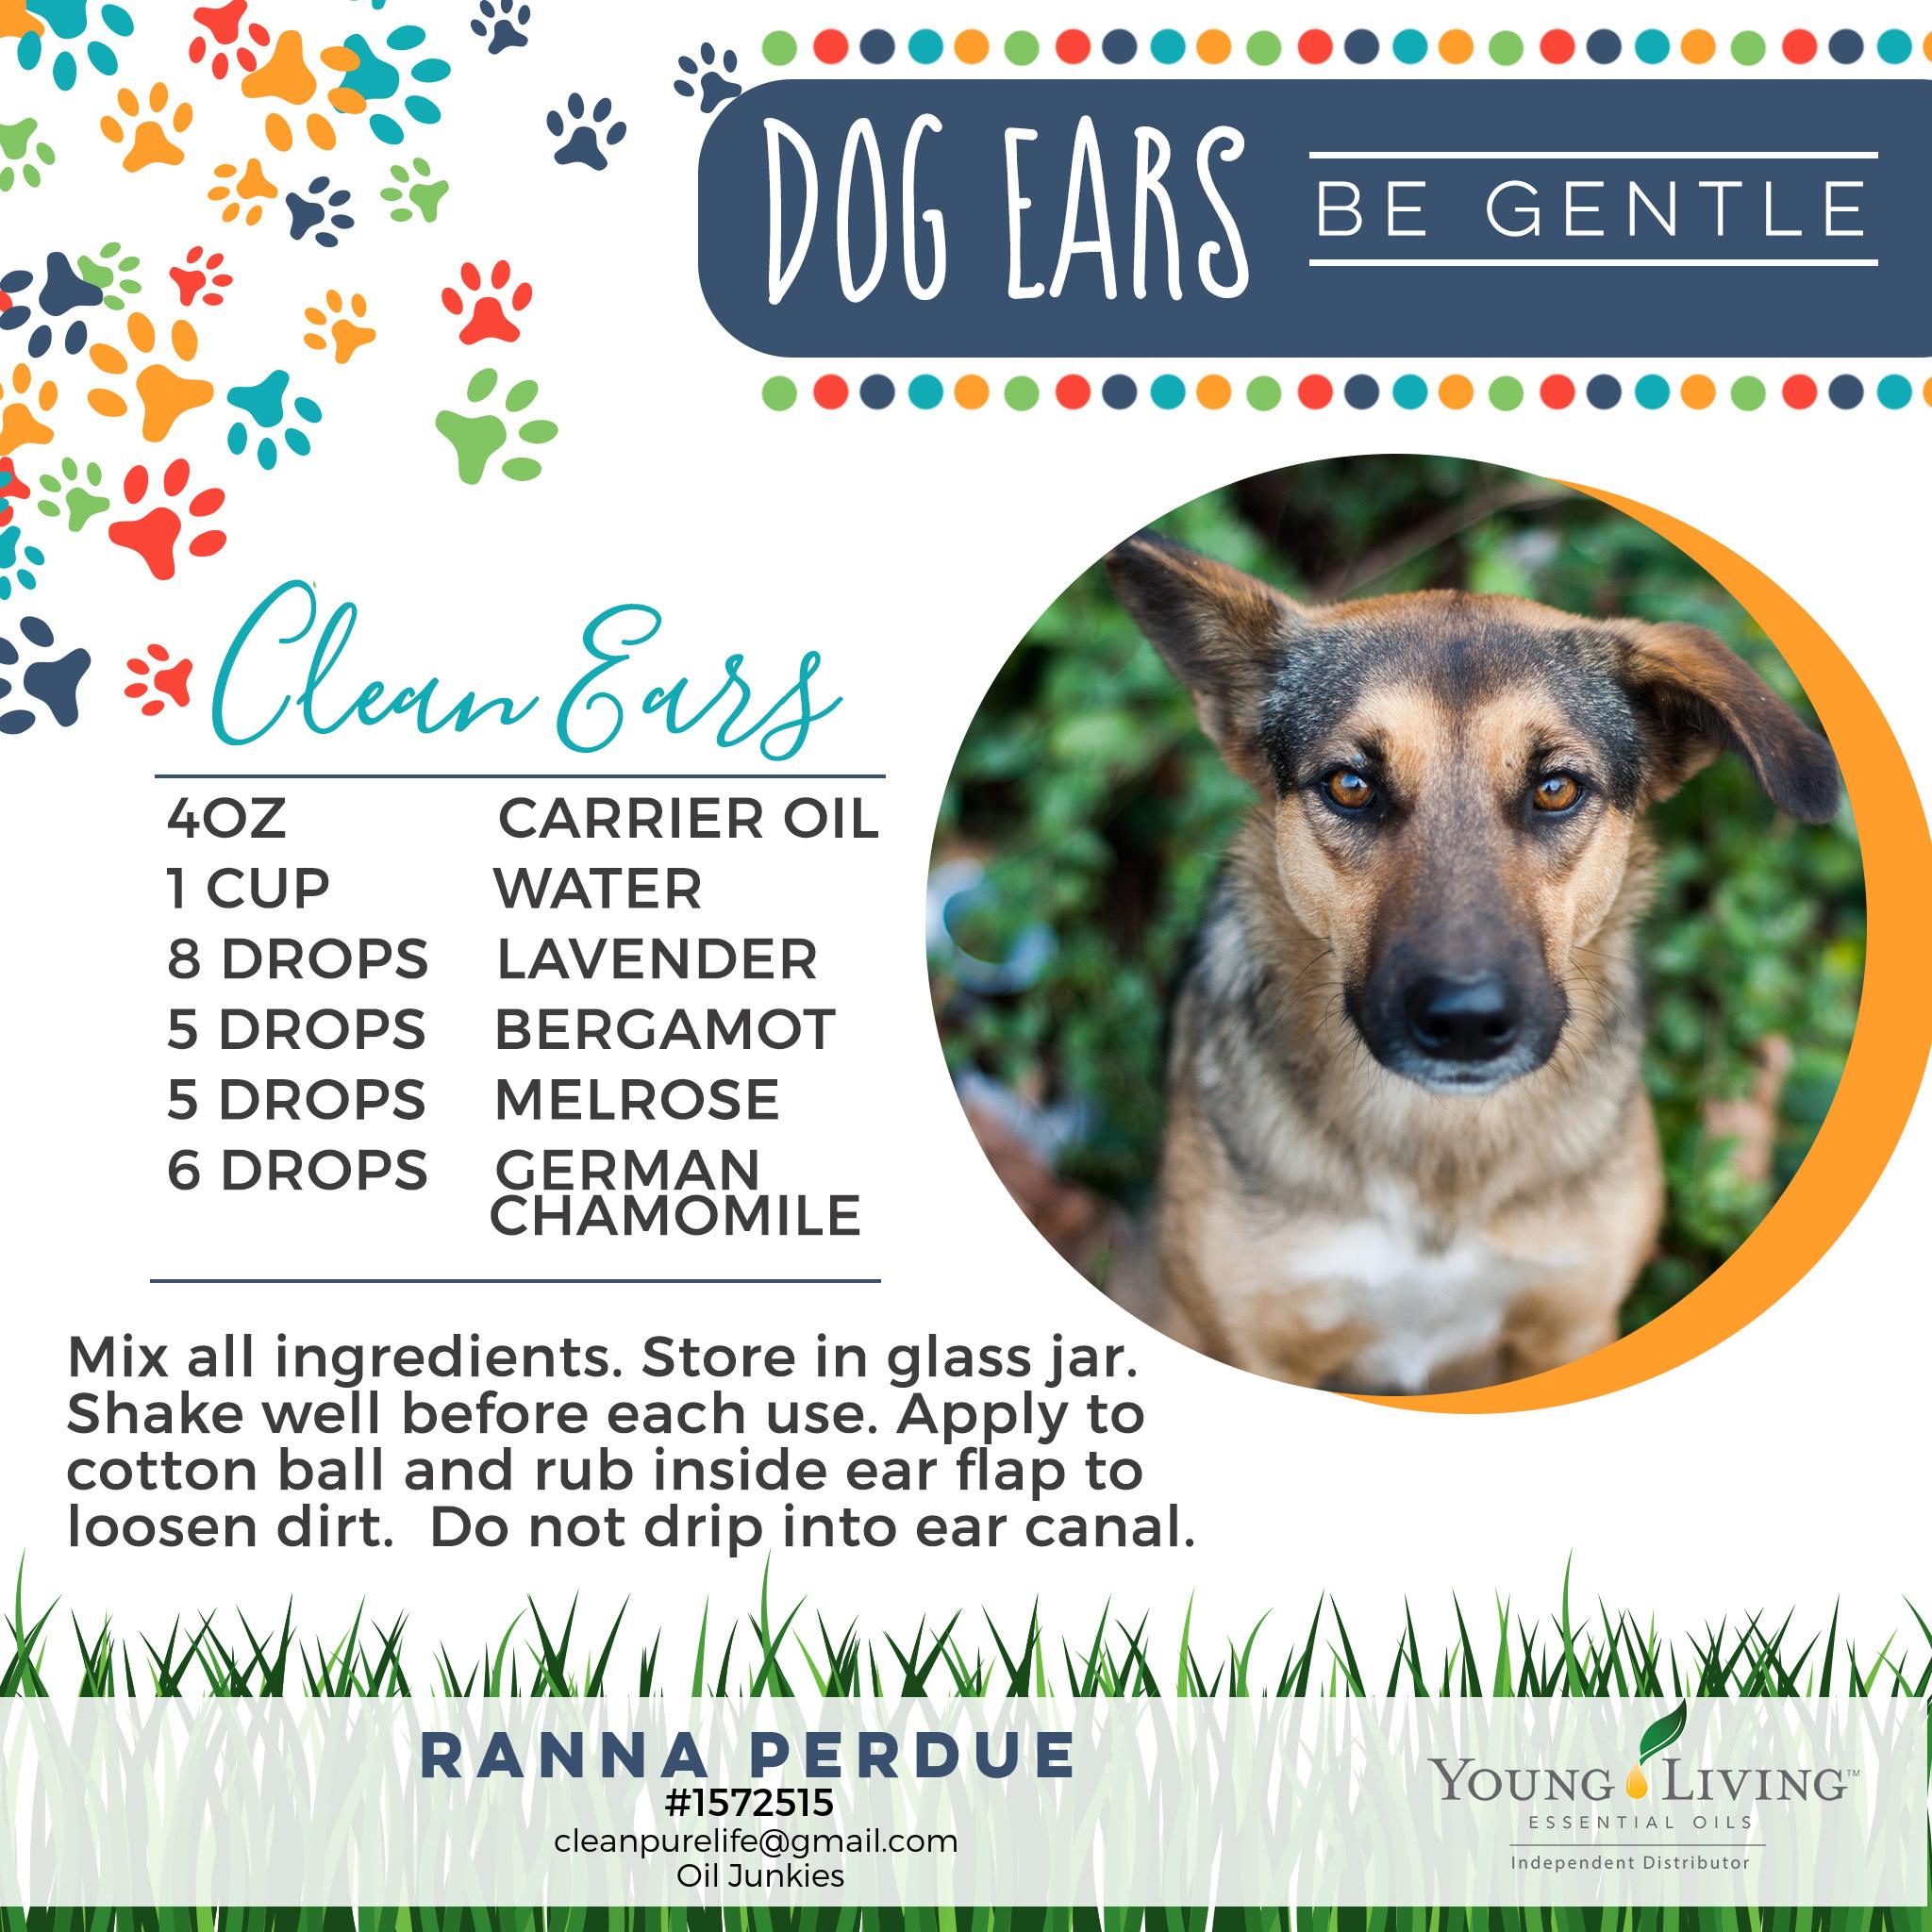 28-Dogs-Clean-Ears